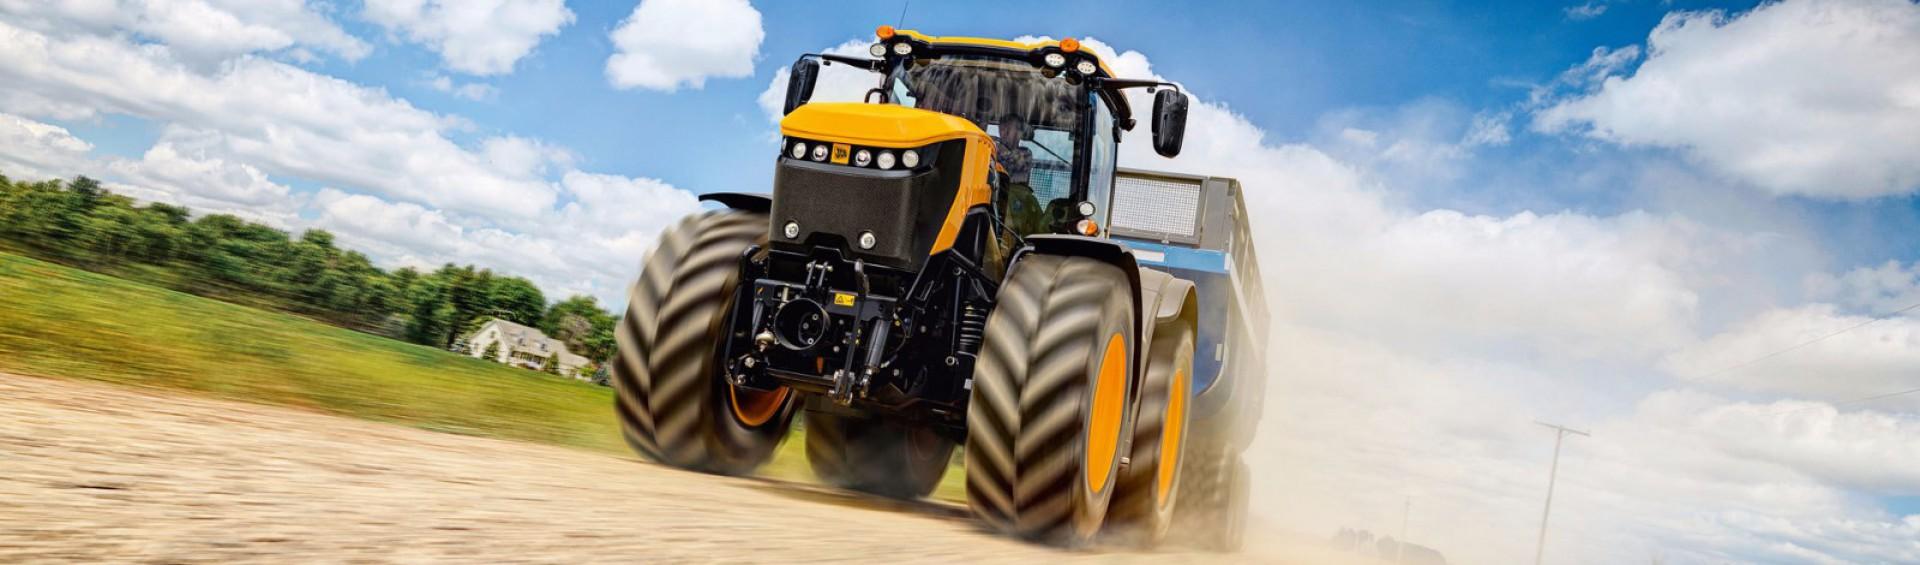 1920x565-crop-90-24973